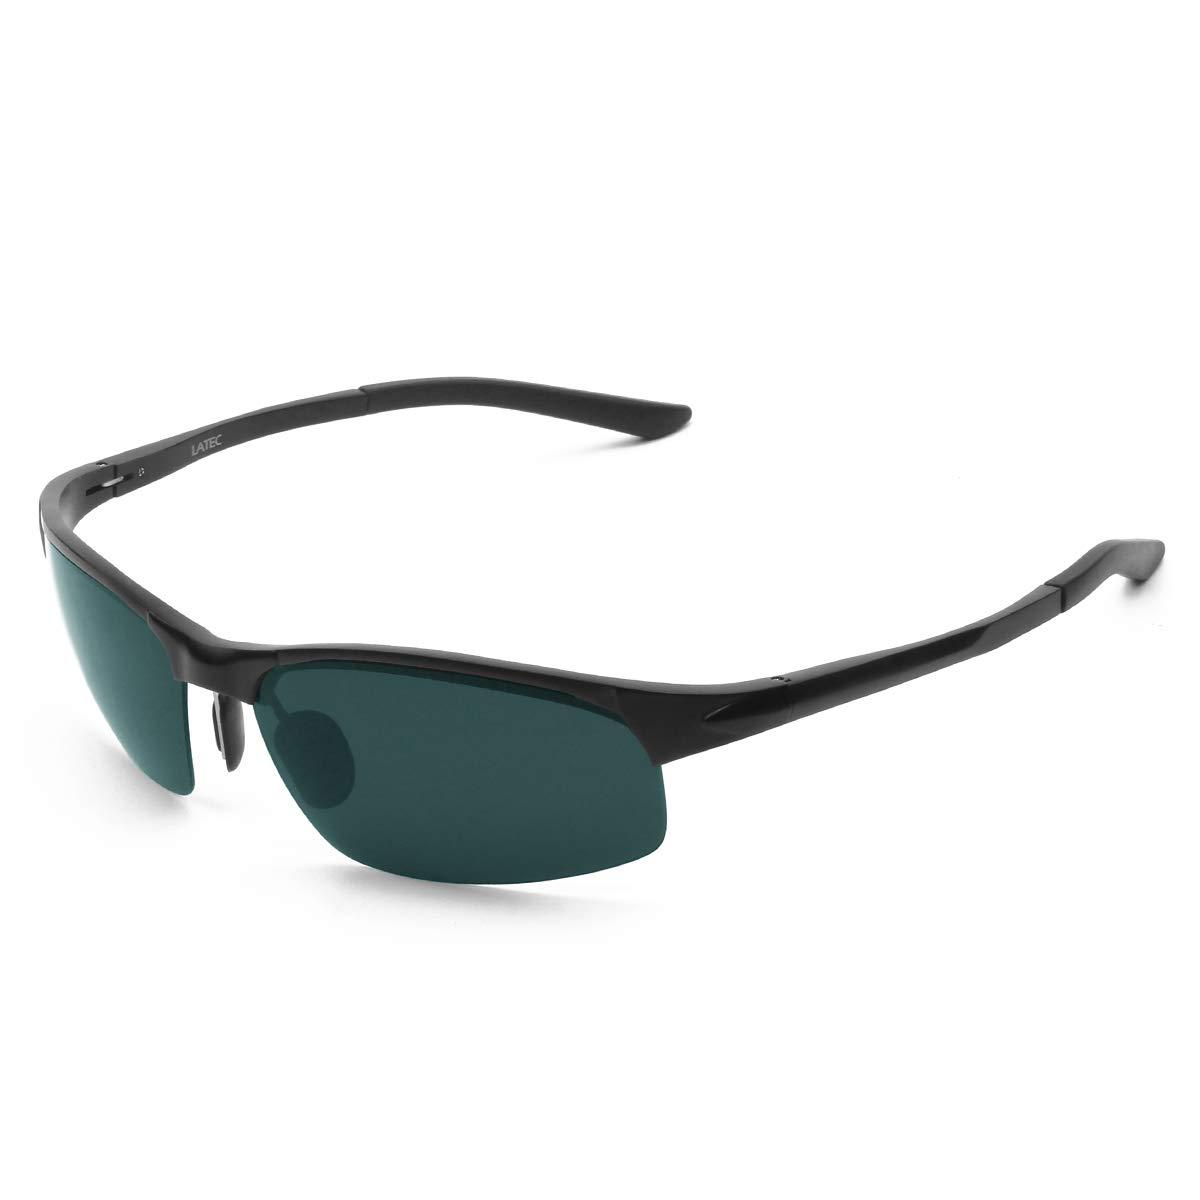 LATEC Gafas de Sol de conducción polarizada, Gafas de conducción para Hombres Gafas Deportivas Gafas